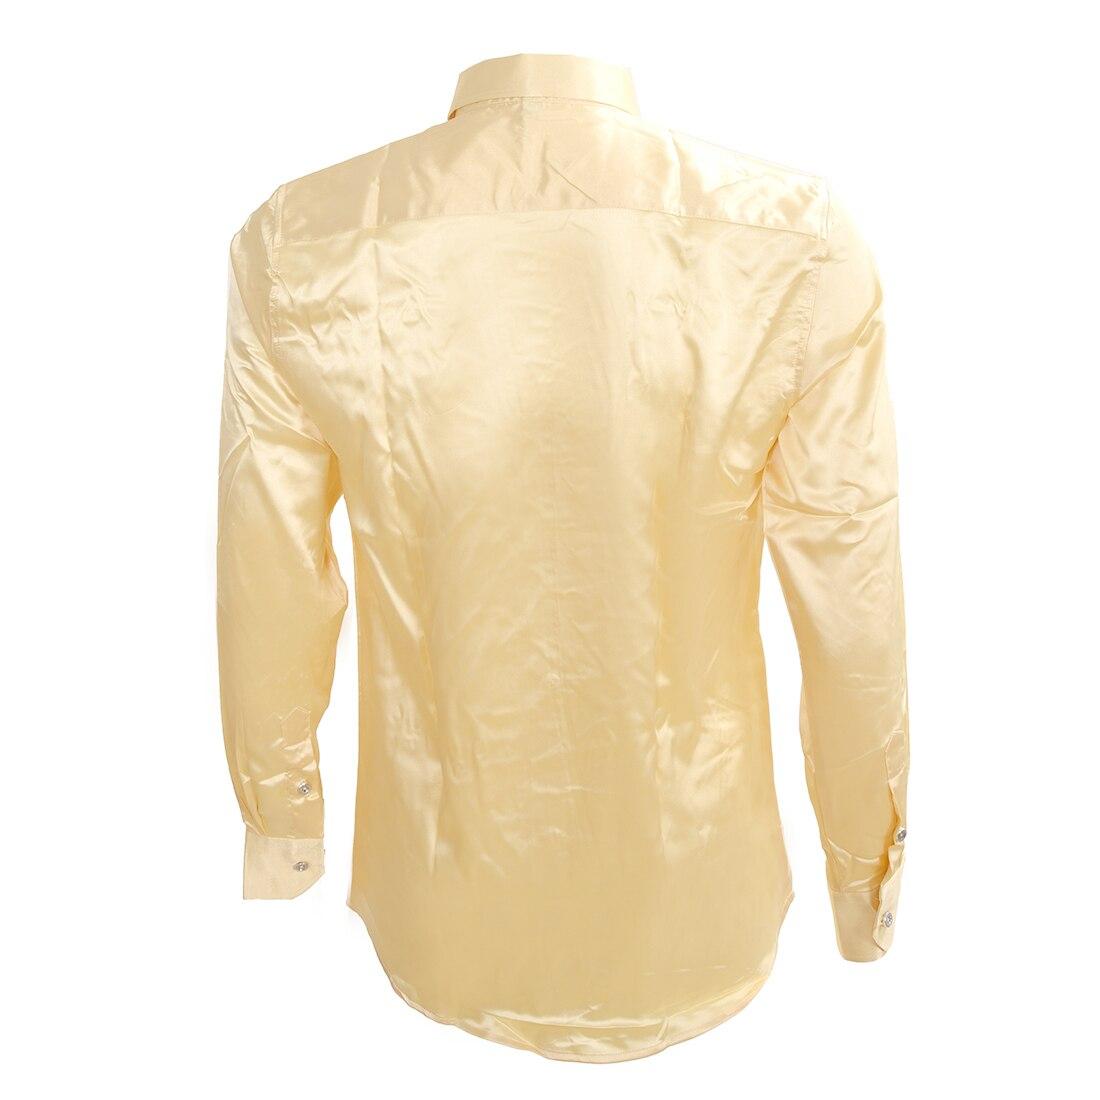 Досуг мужская Одежда высококачественная Эмуляция Шелковые Рубашки С Длинным Рукавом мужская Повседневная Рубашка Блестящий Сатин Бежевый